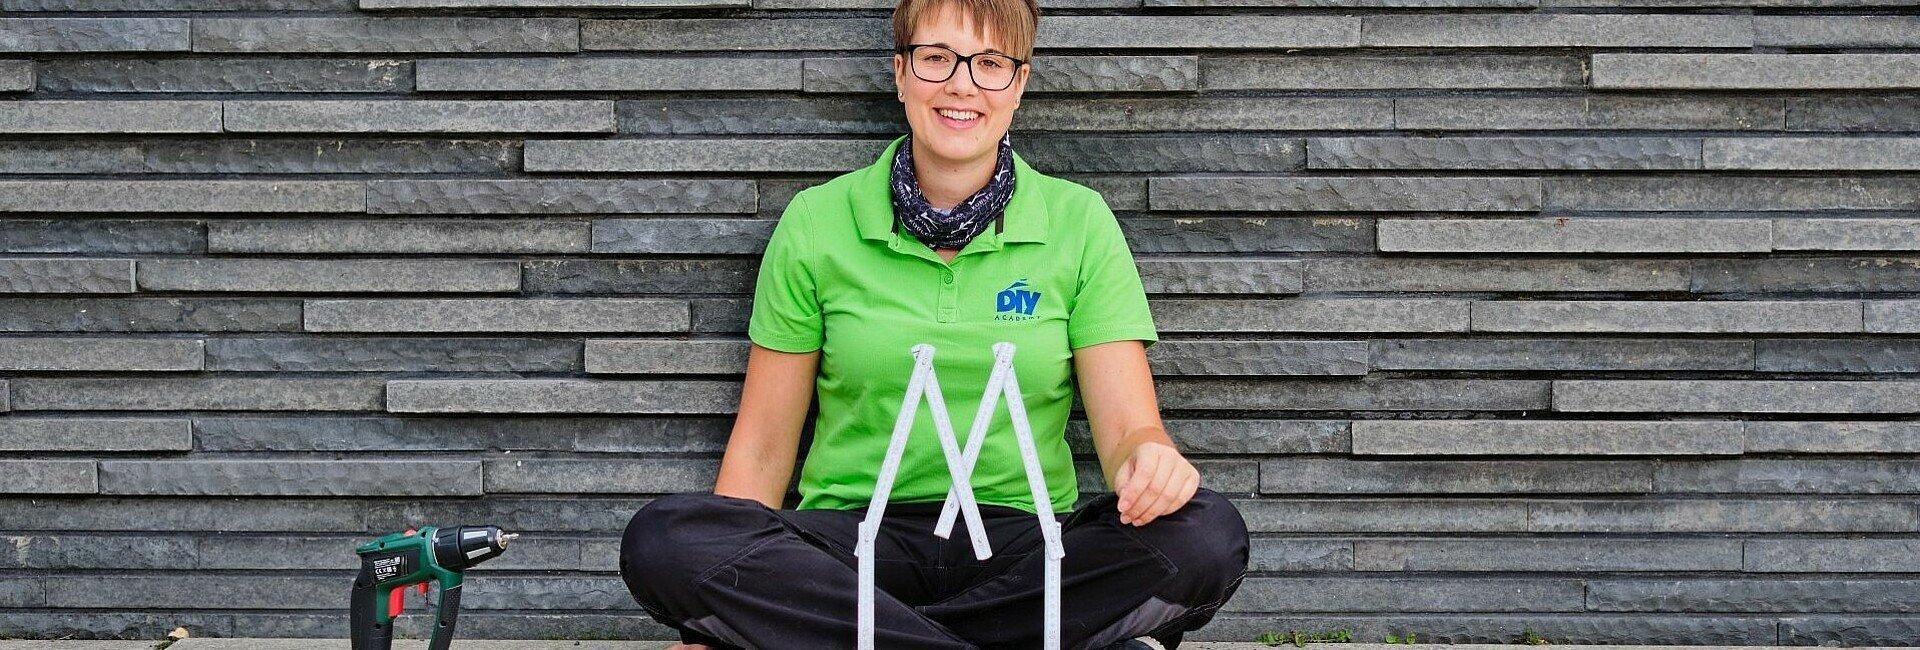 Miss DIY Kerstin Weiser sitzt mit Werkzeugen an der Rheinpromenade